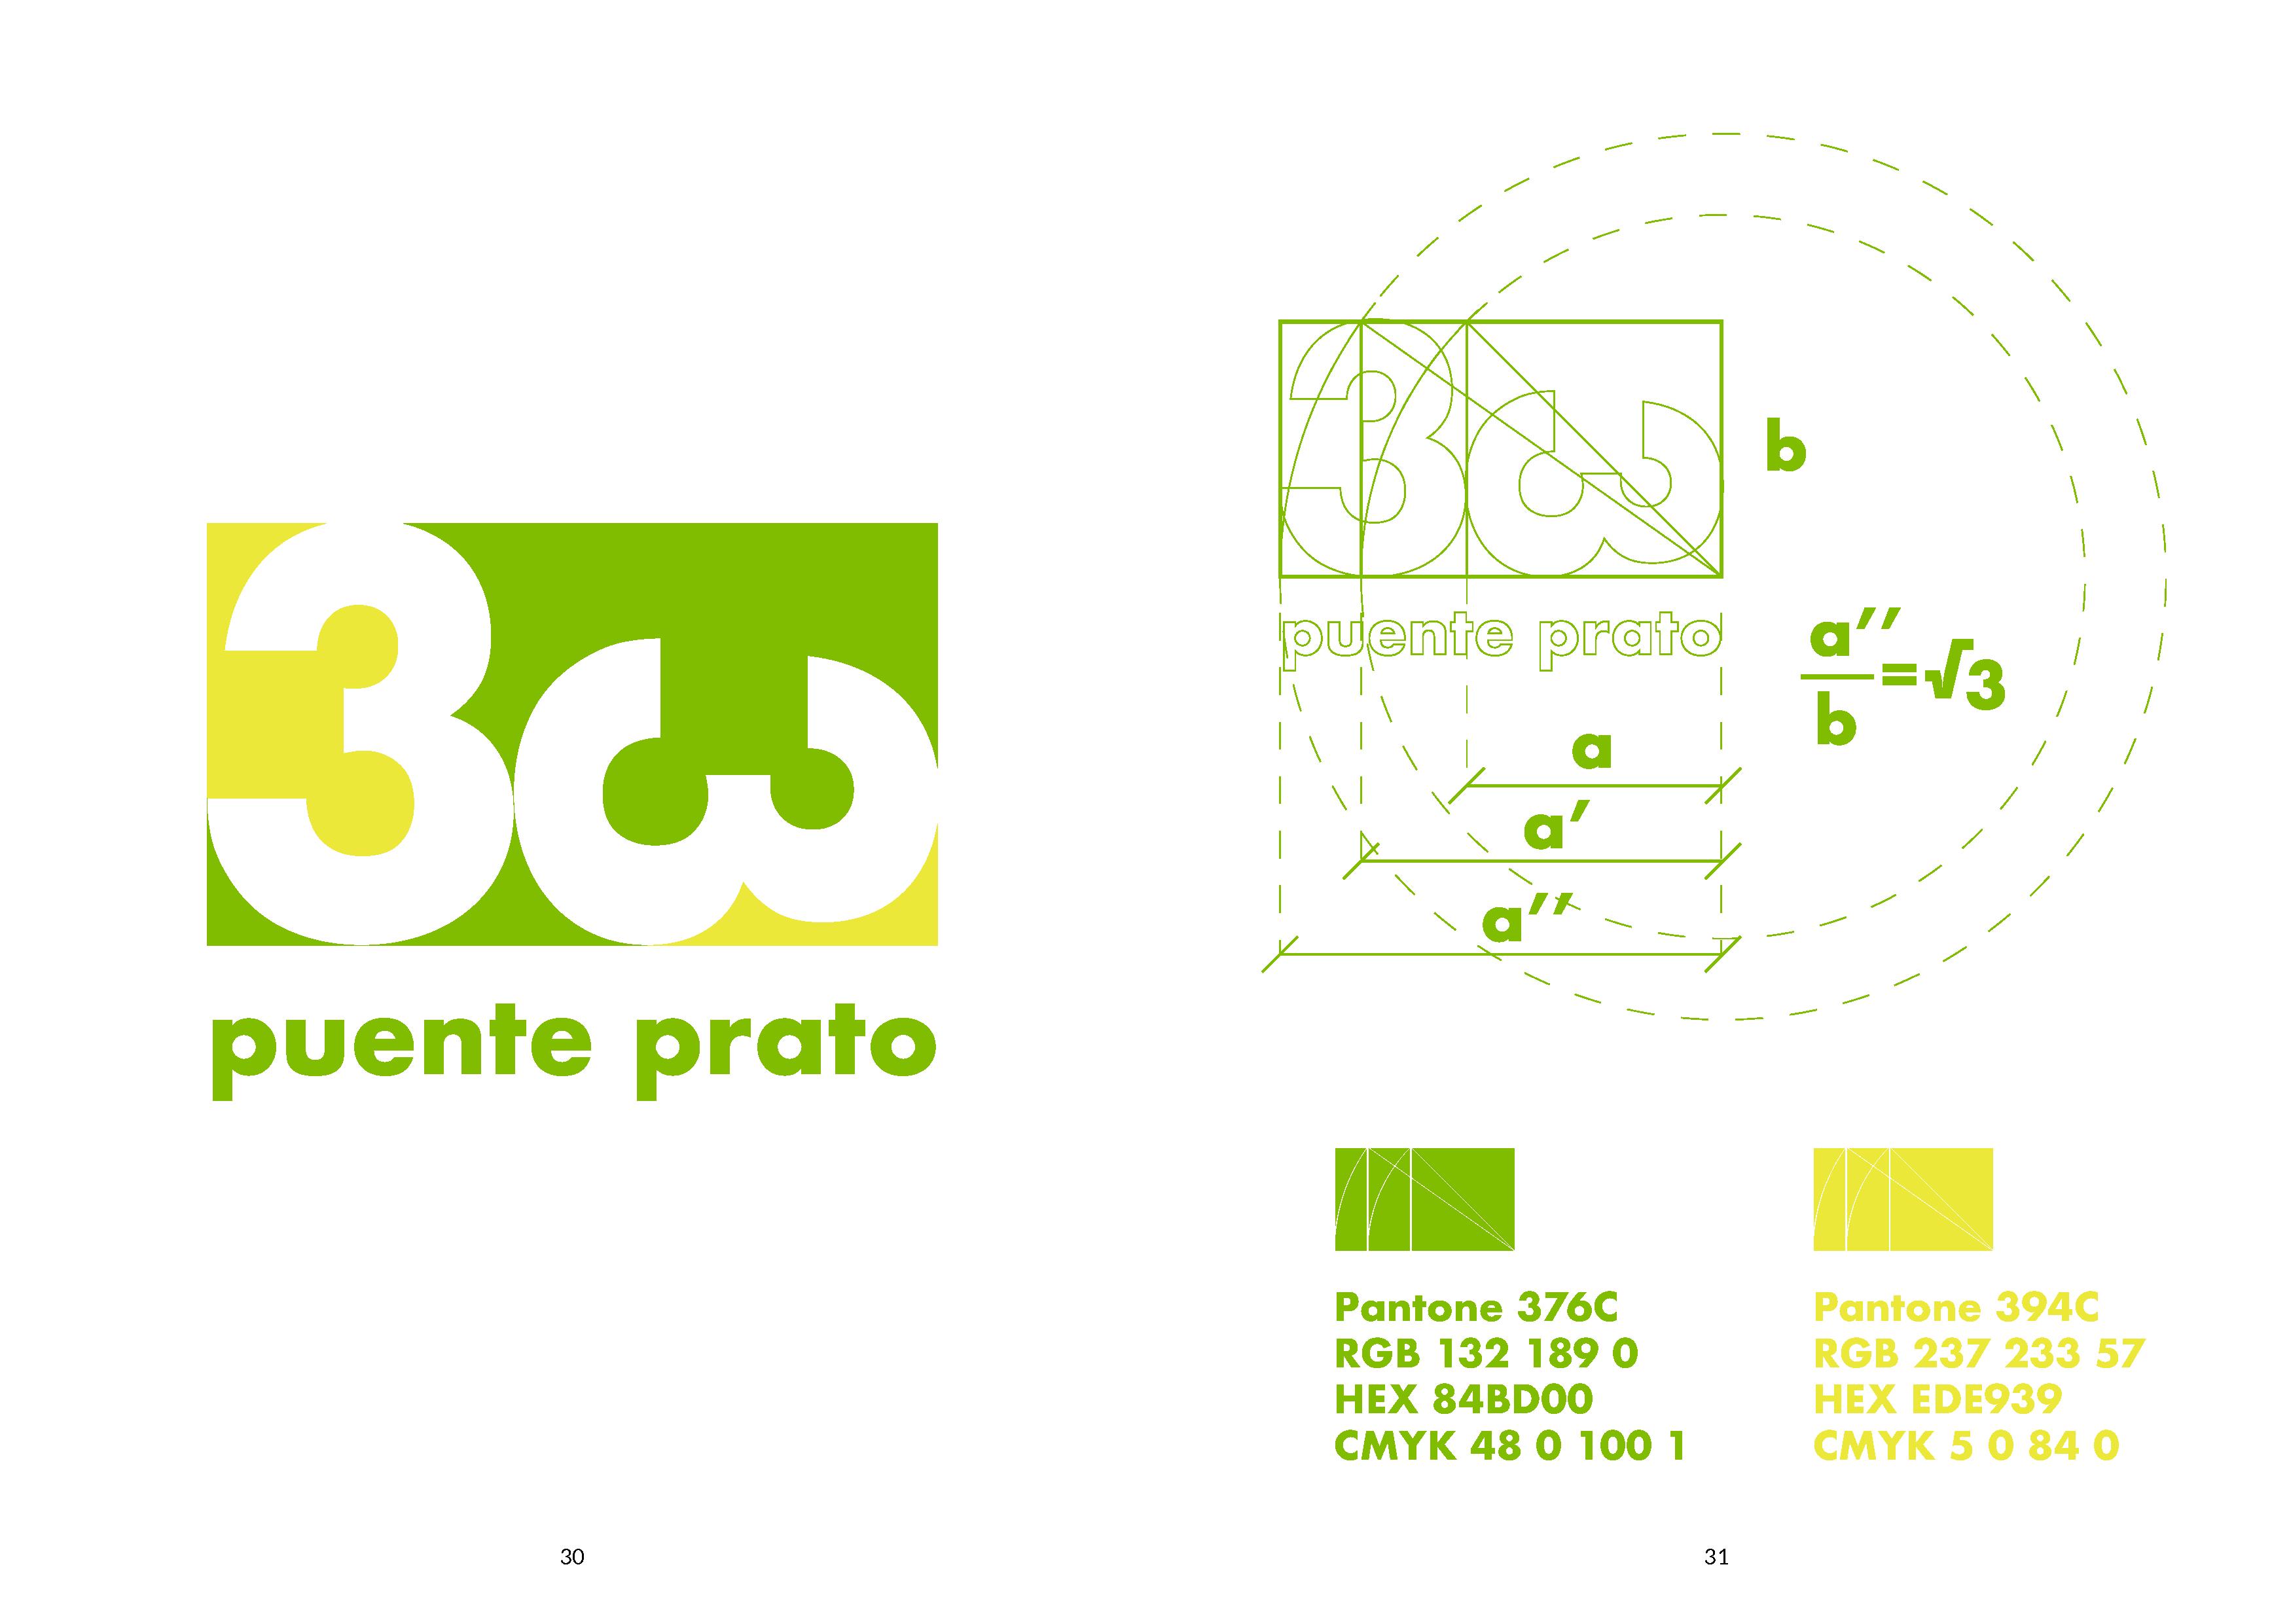 33 Puente Prato, diseño de logotipo